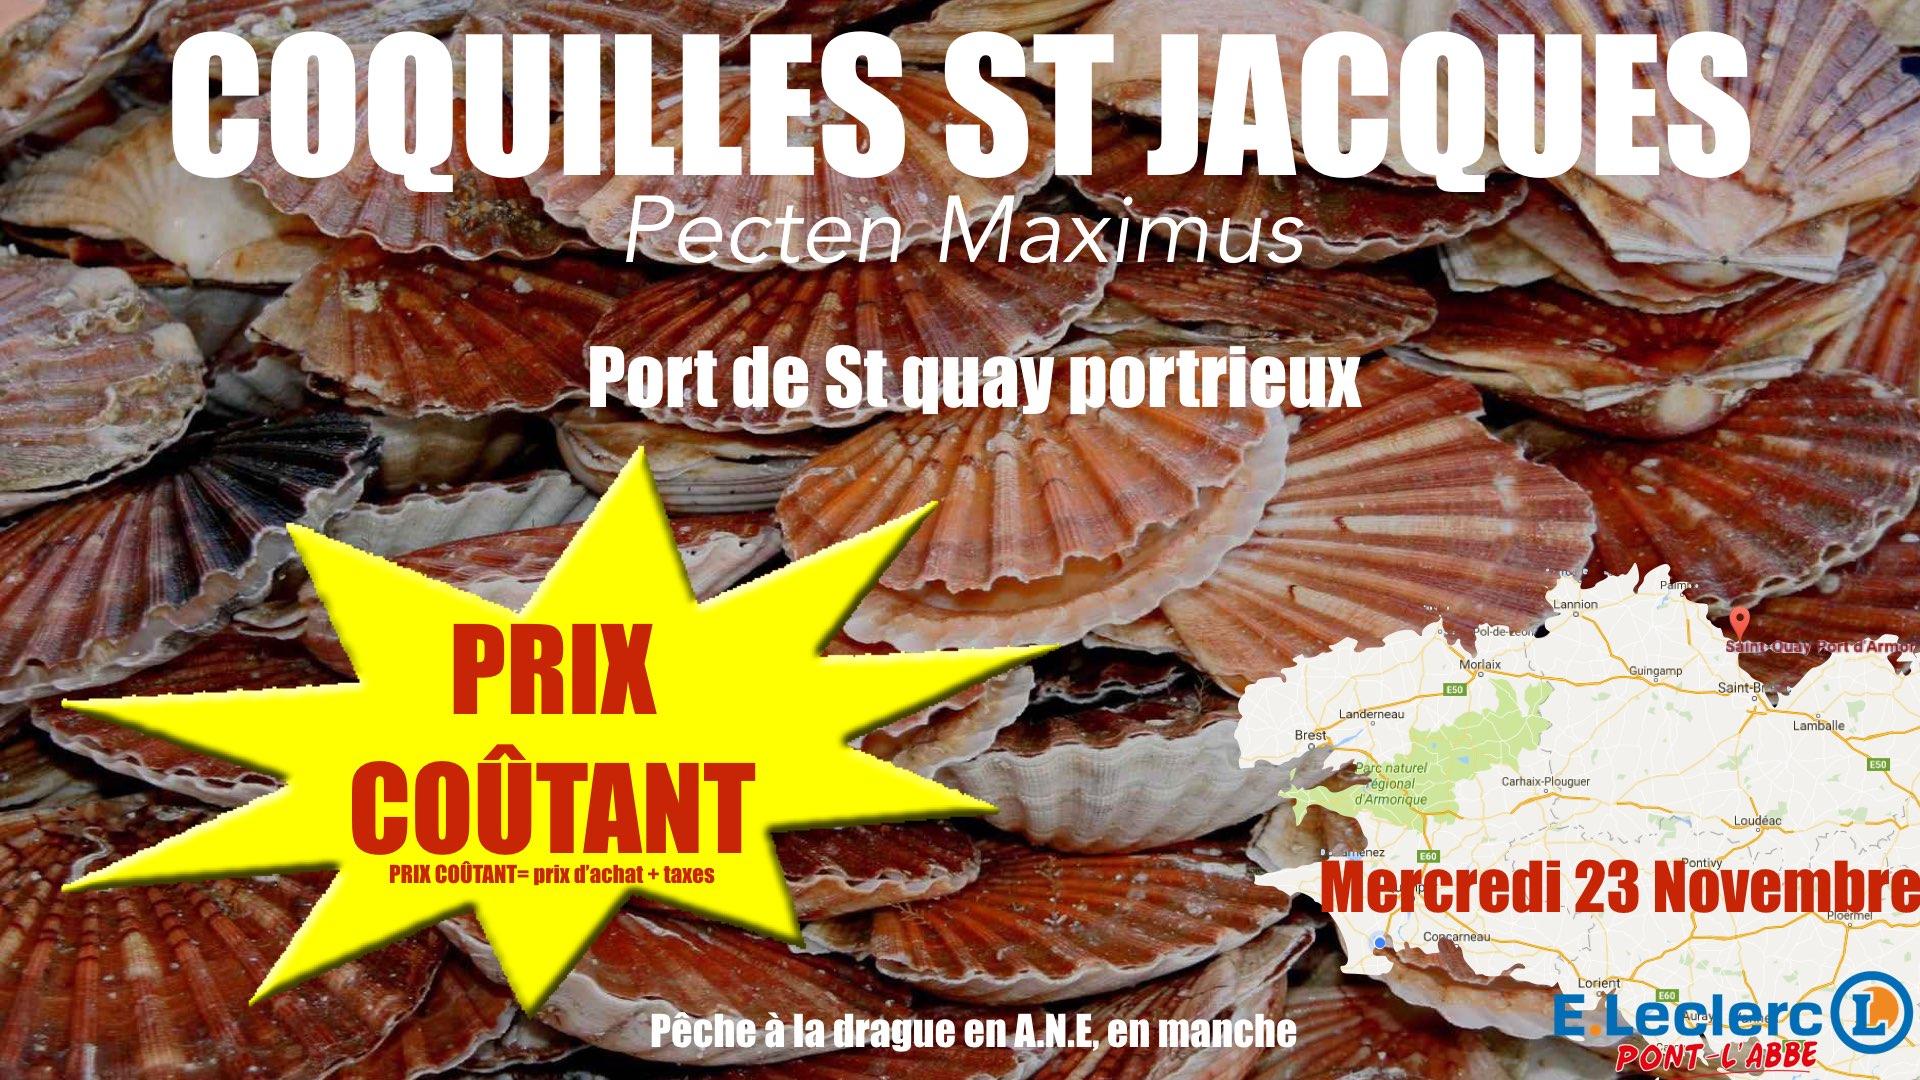 Coquille St Jacques Prix Coutant1 001 Leclerc Pont L Abbe